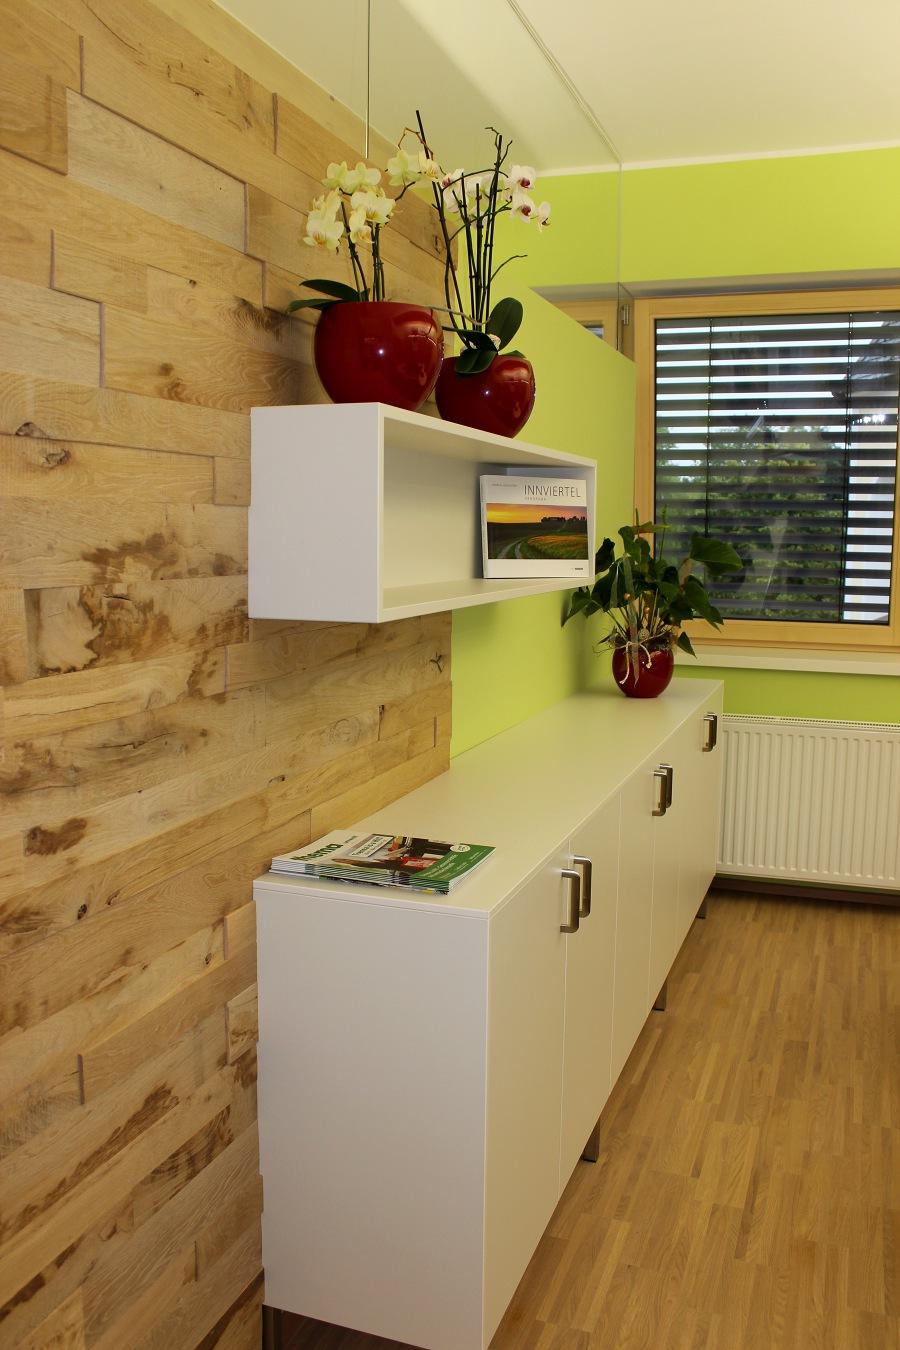 wohnzimmerwand aus holz : Wandverkleidung Holz Wohnzimmer Die Neueste Innovation Der